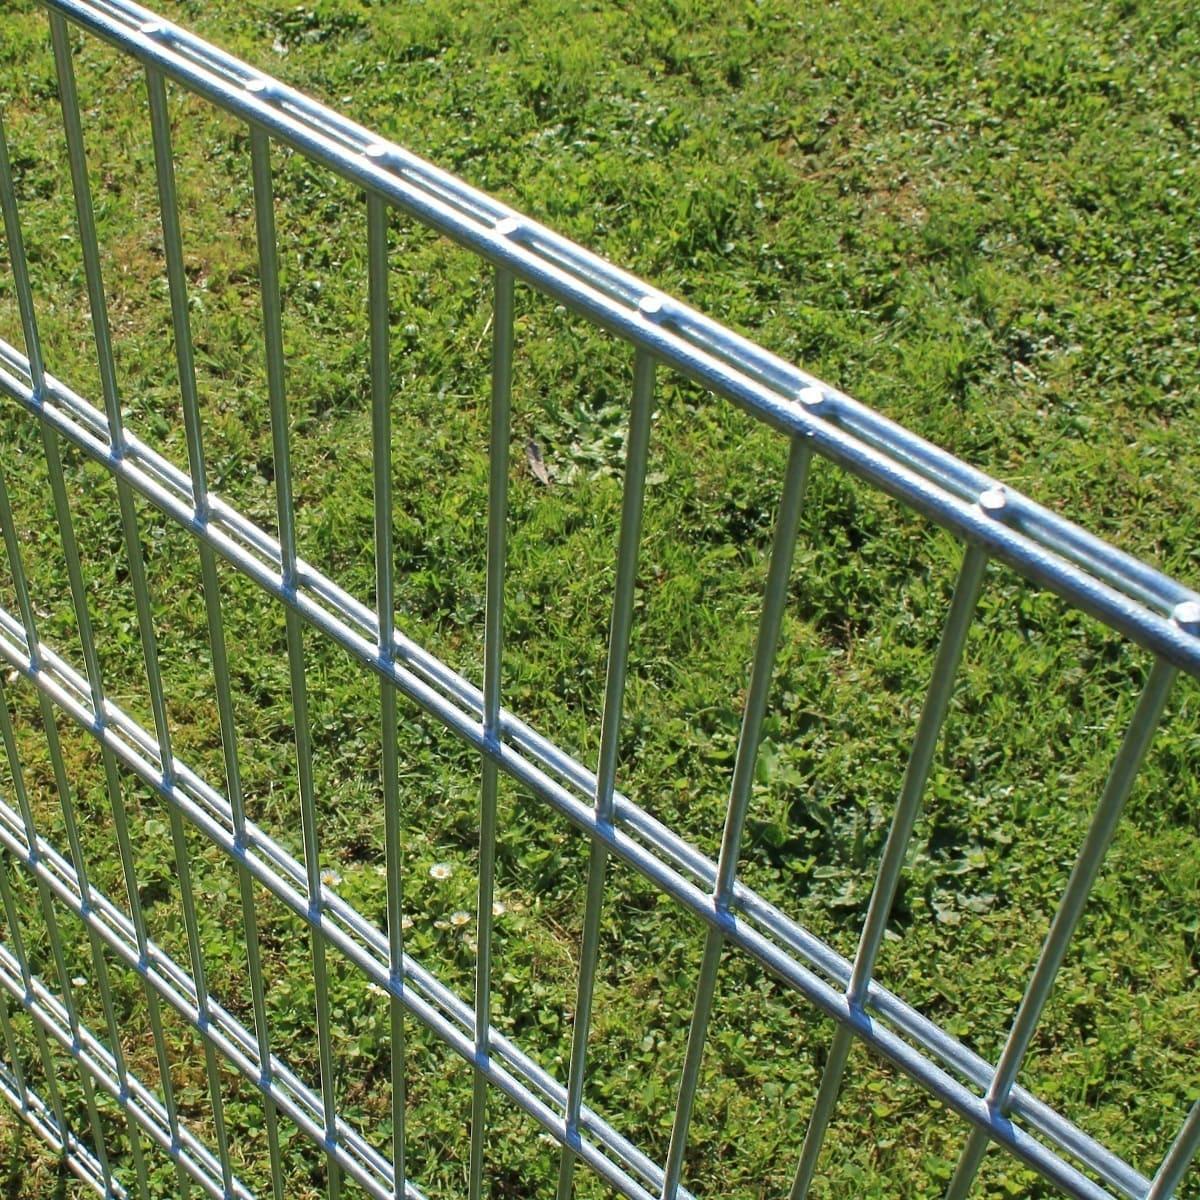 Angebot Gitterzaun Doppelstabmatten 6 5 6 Gartenzaun Zaunpaket